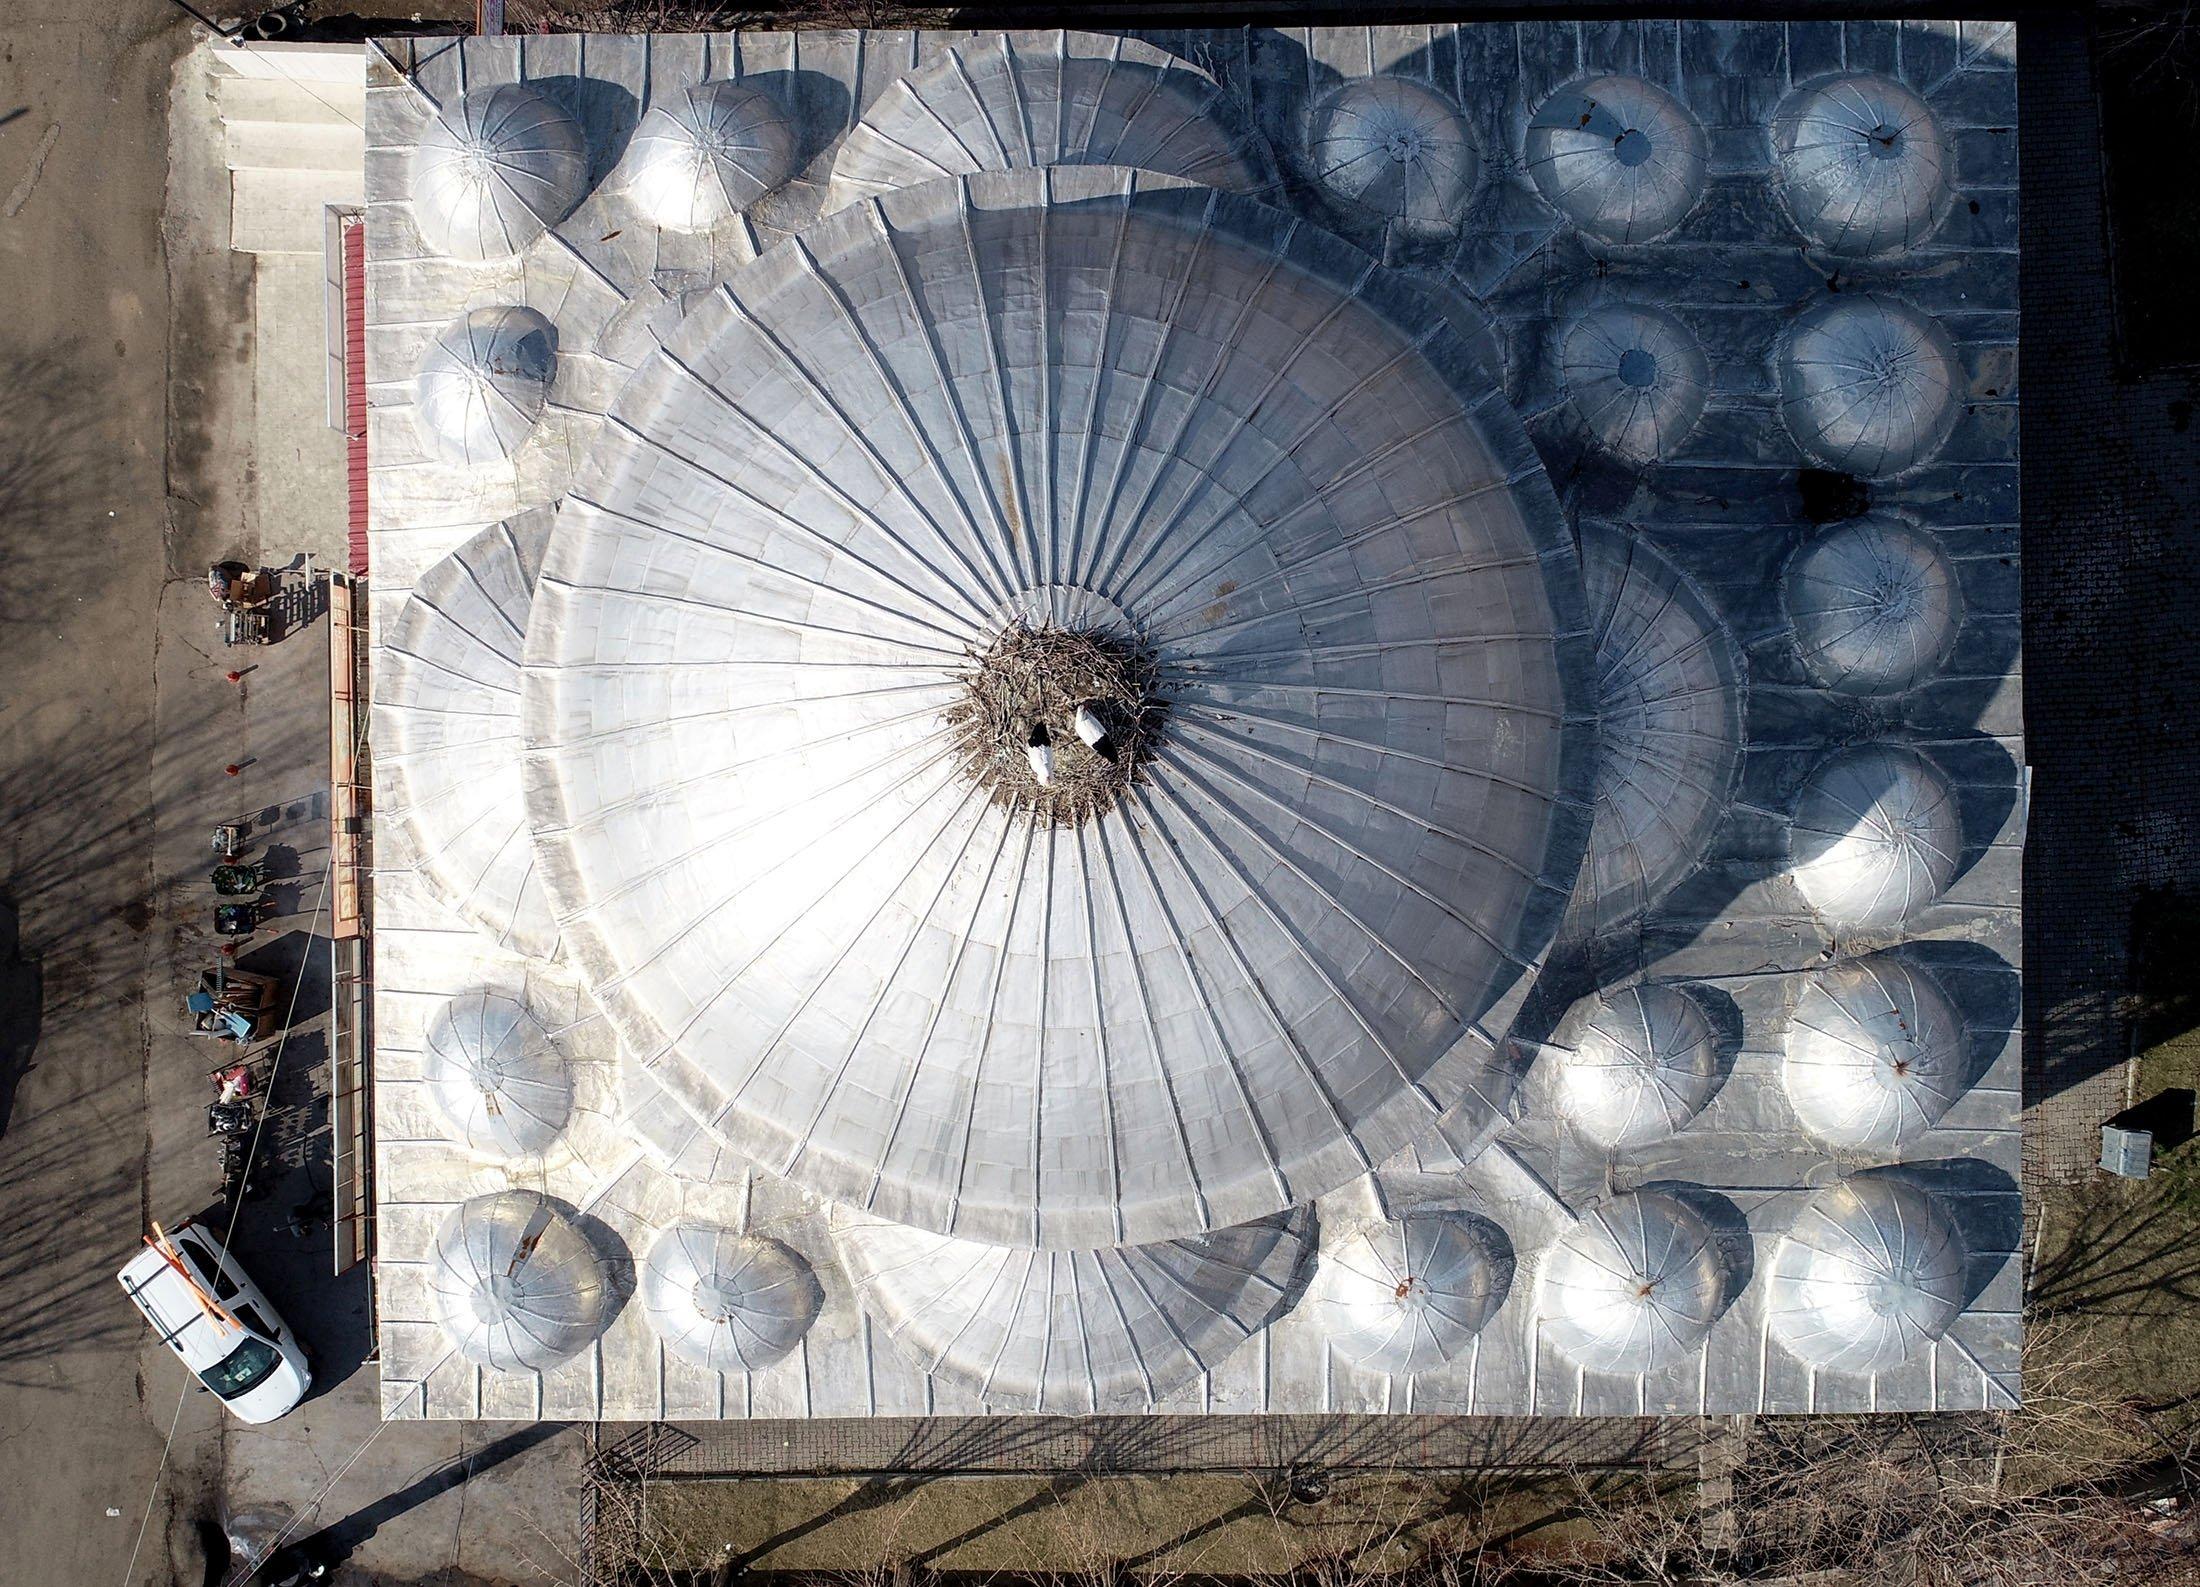 Türkiye'nin güneydoğusunda Pingal'da son dört yıldır iki leyleğe ev sahipliği yapan Sanay Citesi Camii ve Kubbesi manzarası.  (AA fotoğraf)